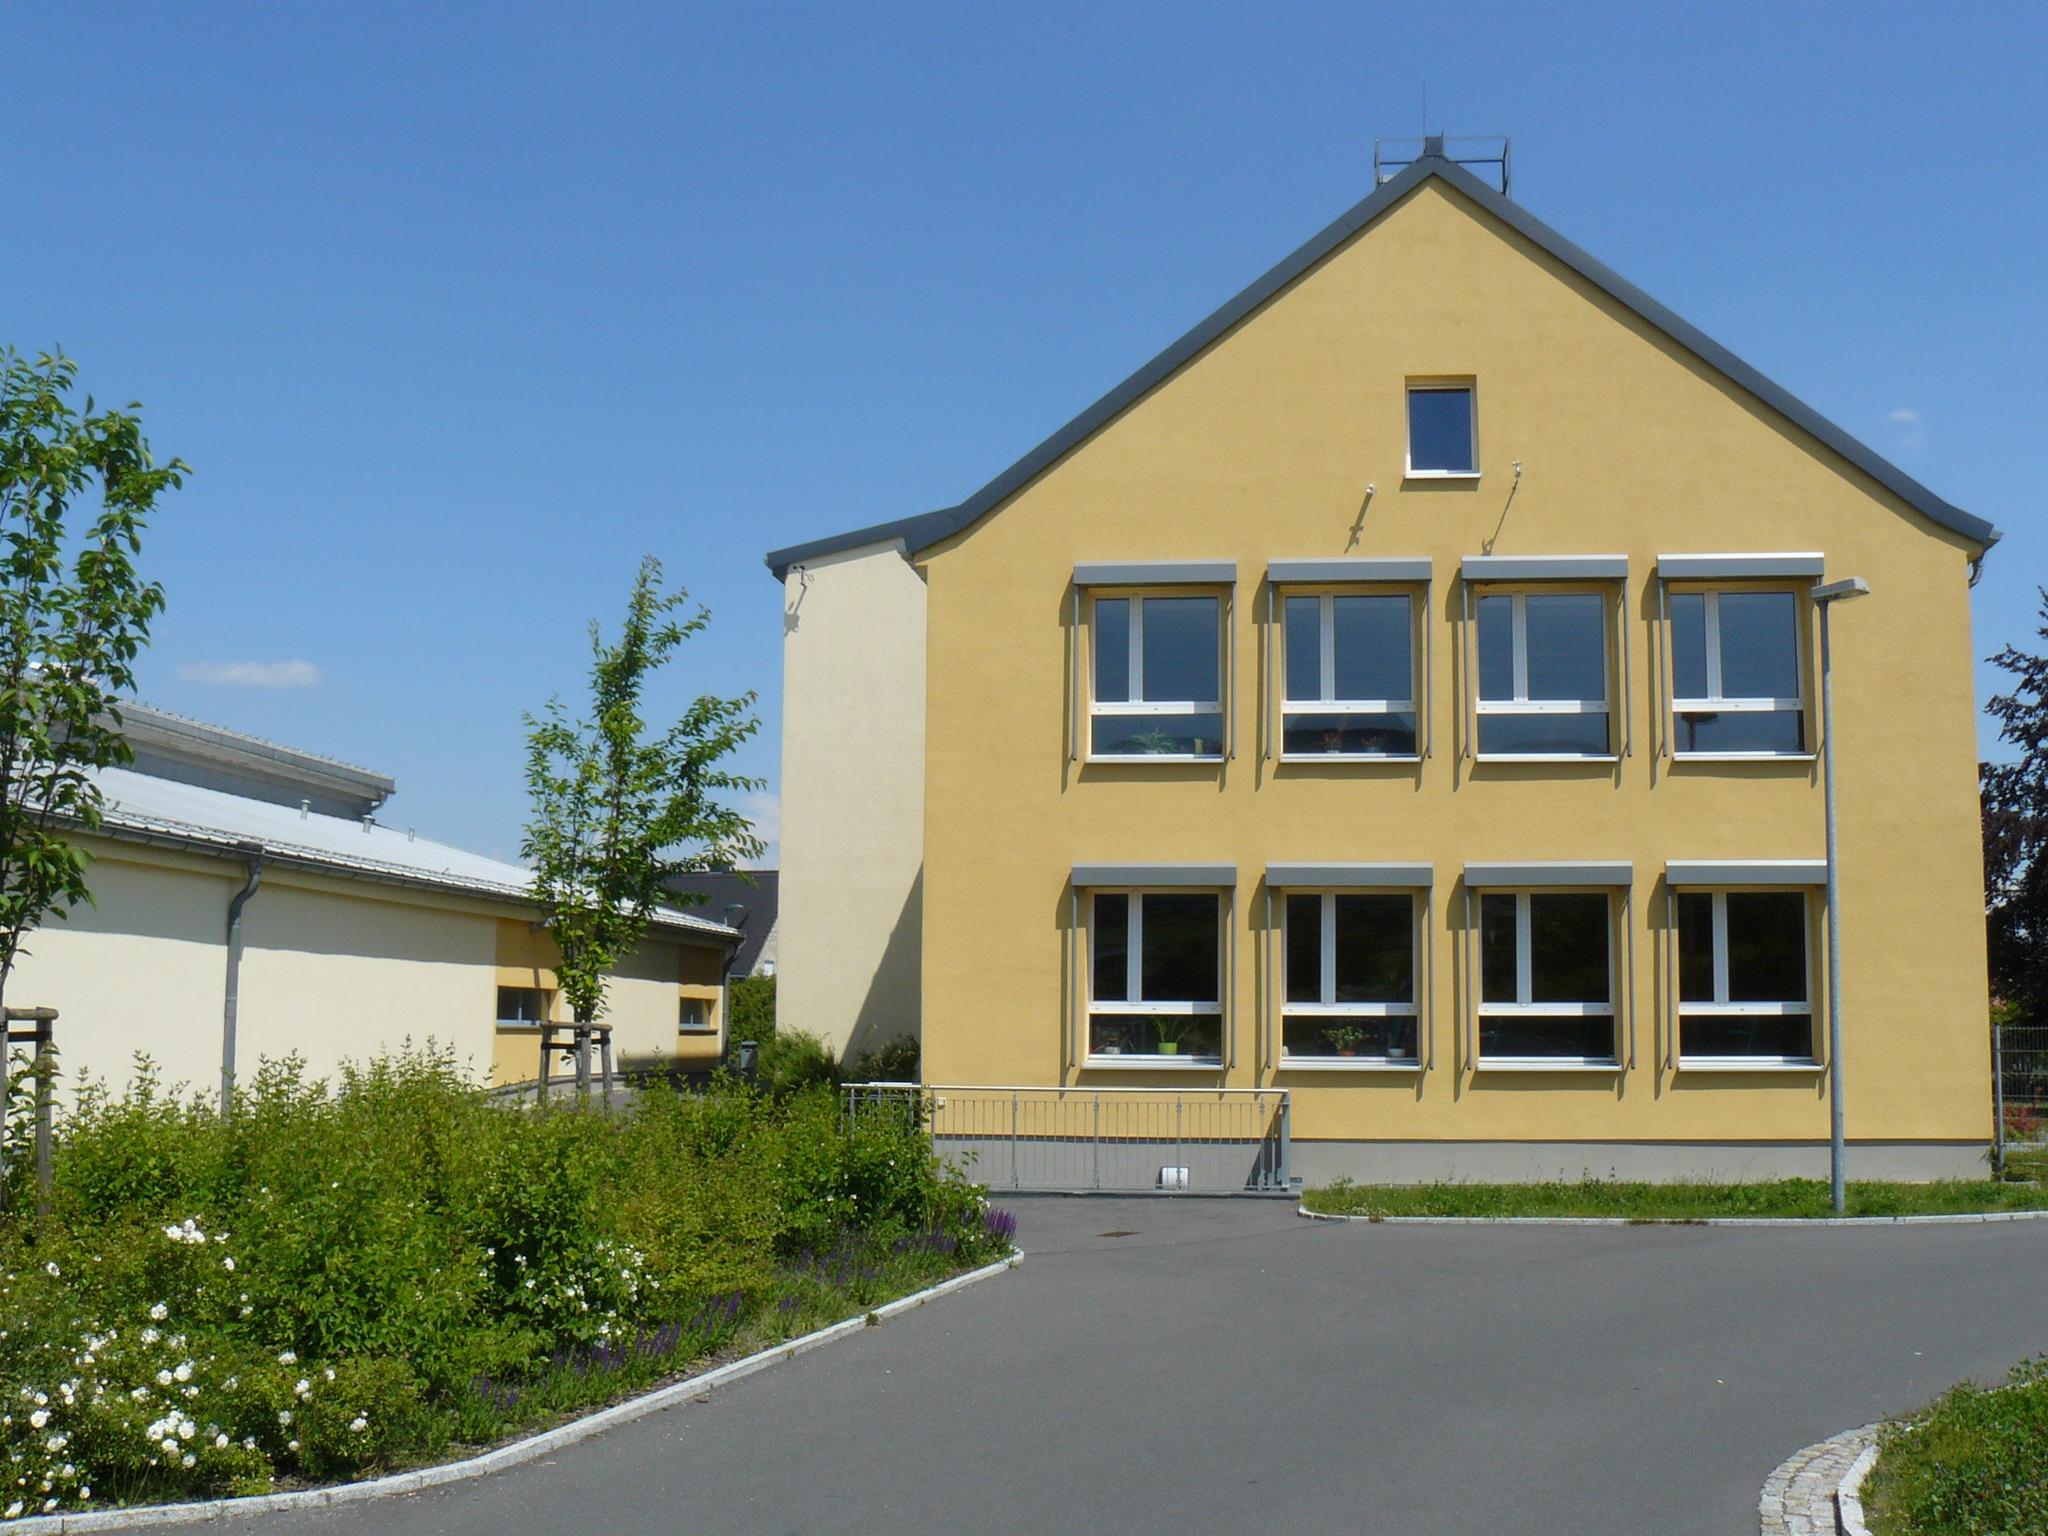 Oberschule Elstra